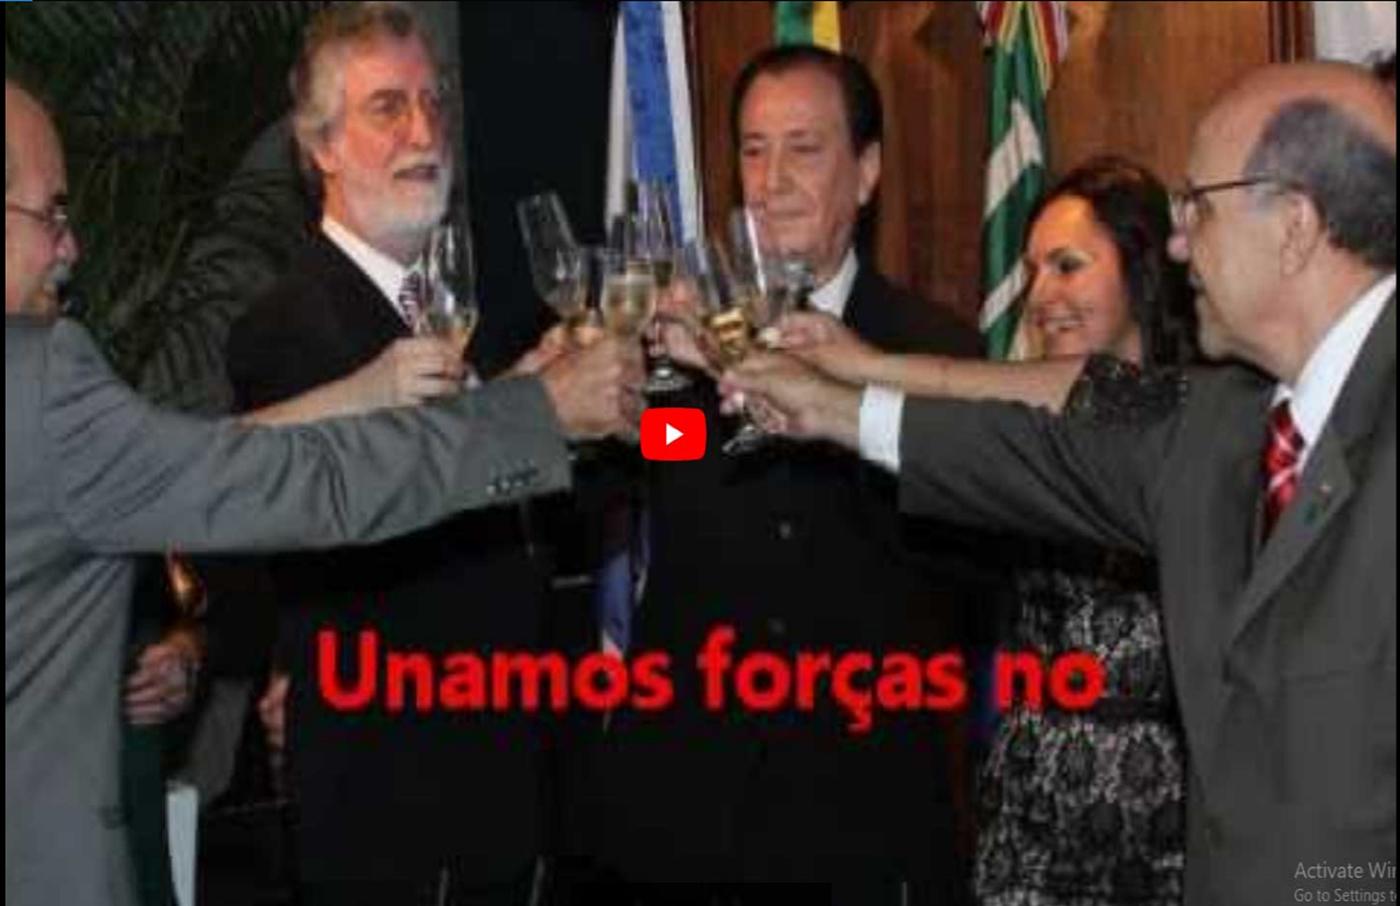 Hino dos Magistrados do Brasil